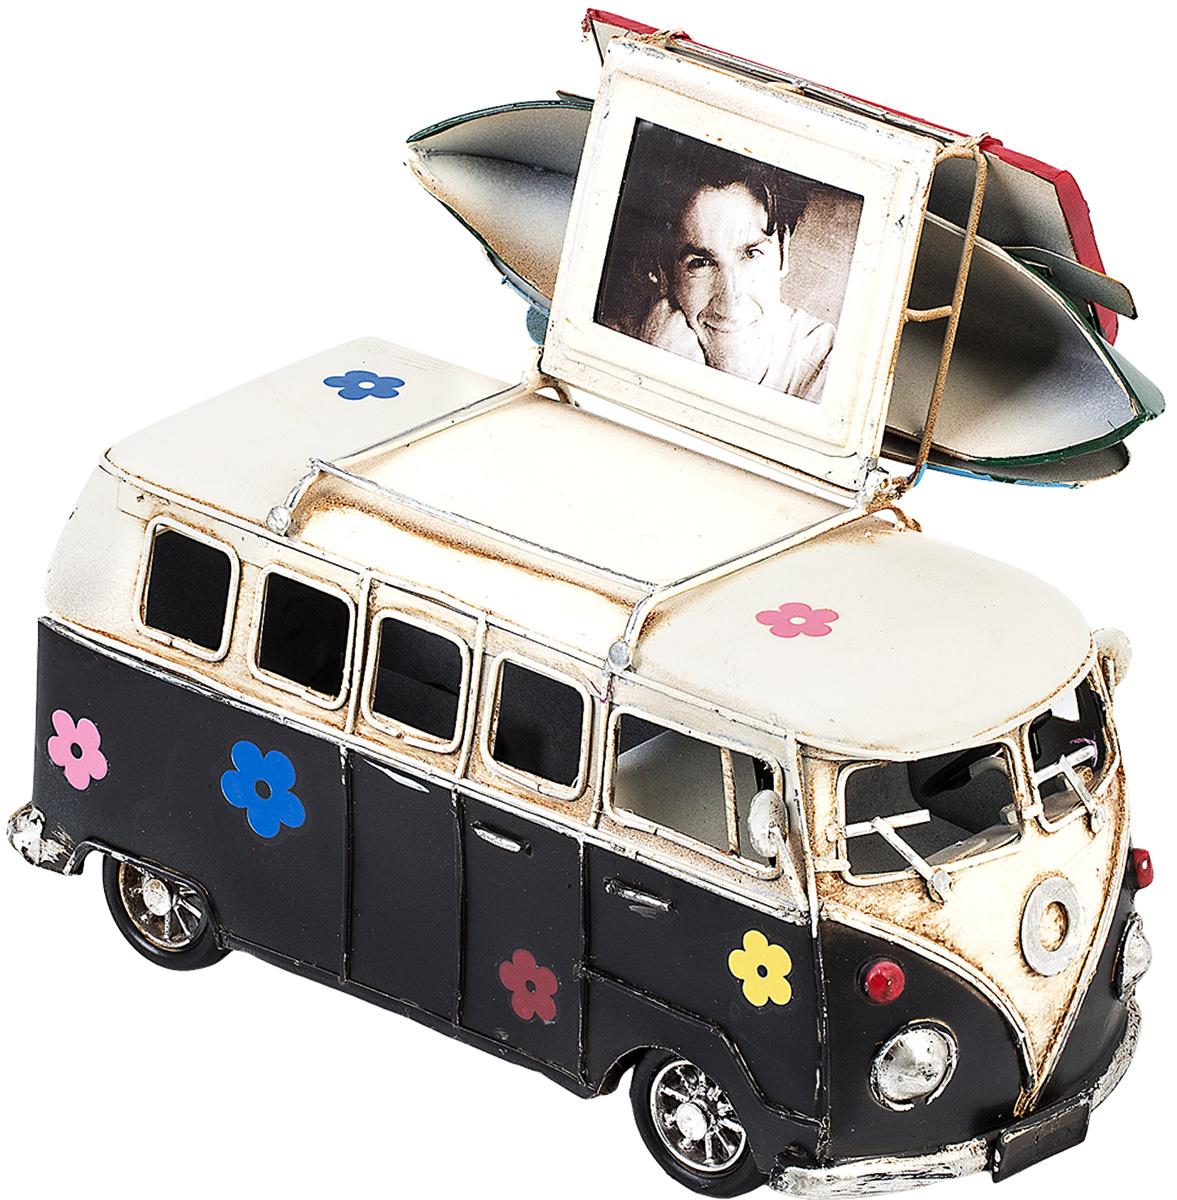 Модель Platinum Автобус, с фоторамкой и копилкой. 1404E-43491404E-4349Модель Platinum Автобус, выполненная из металла, станет оригинальным украшением вашего интерьера. Вы можете поставить модель автобуса в любом месте, где она будет удачно смотреться. Изделие дополнено фоторамкой и копилкой. Качество исполнения, точные детали и оригинальный дизайн выделяют эту модель среди ряда подобных. Модель займет достойное место в вашей коллекции, а также приятно удивит получателя в качестве стильного сувенира.